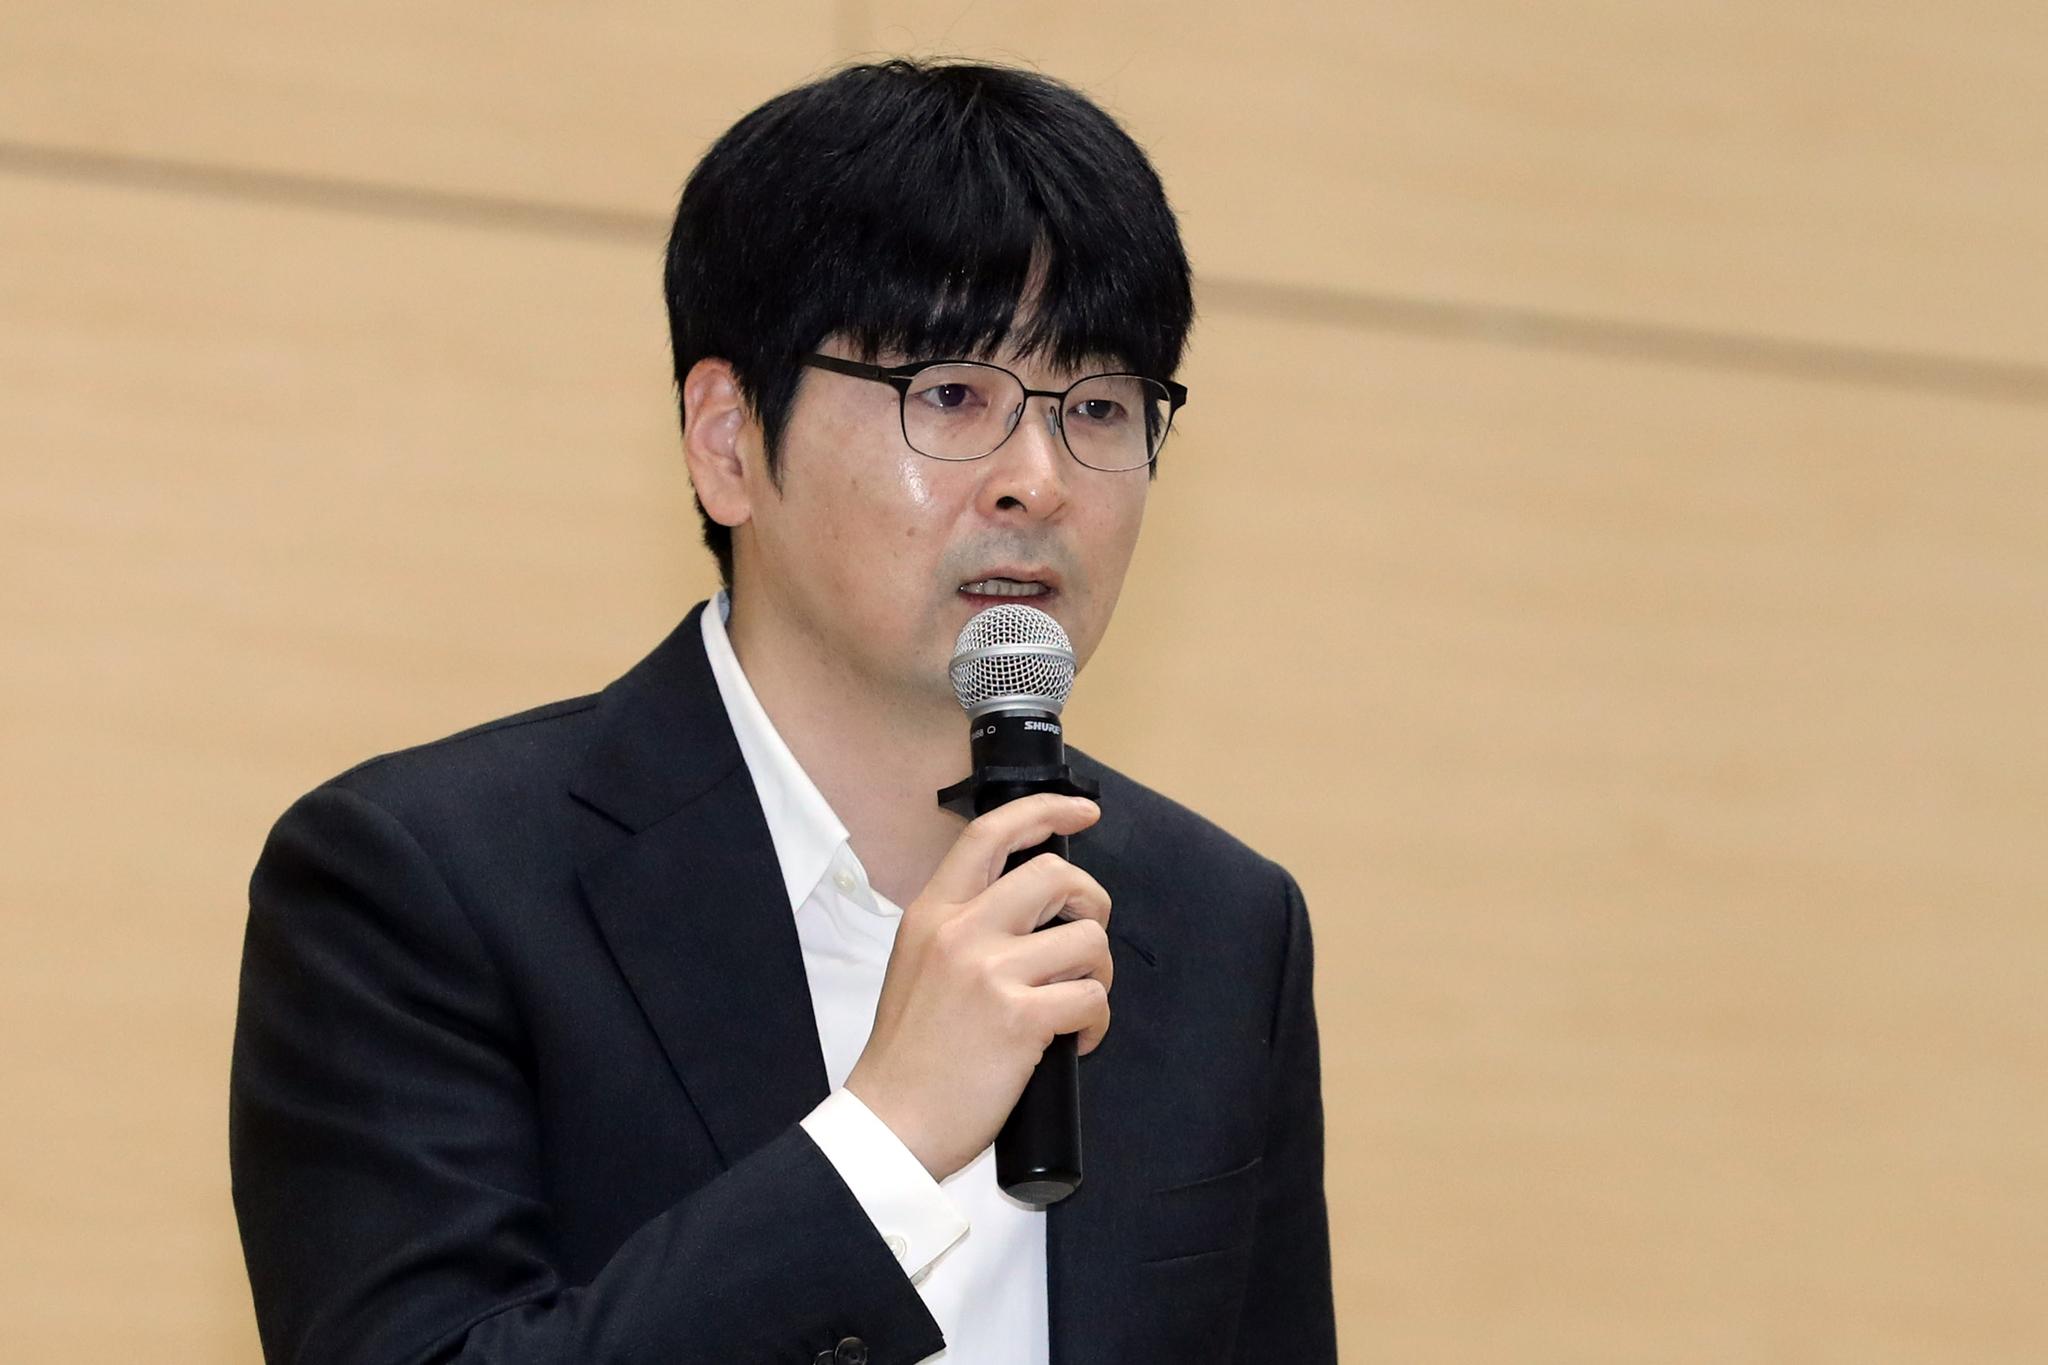 탁현민 청와대 의전비서관. 연합뉴스